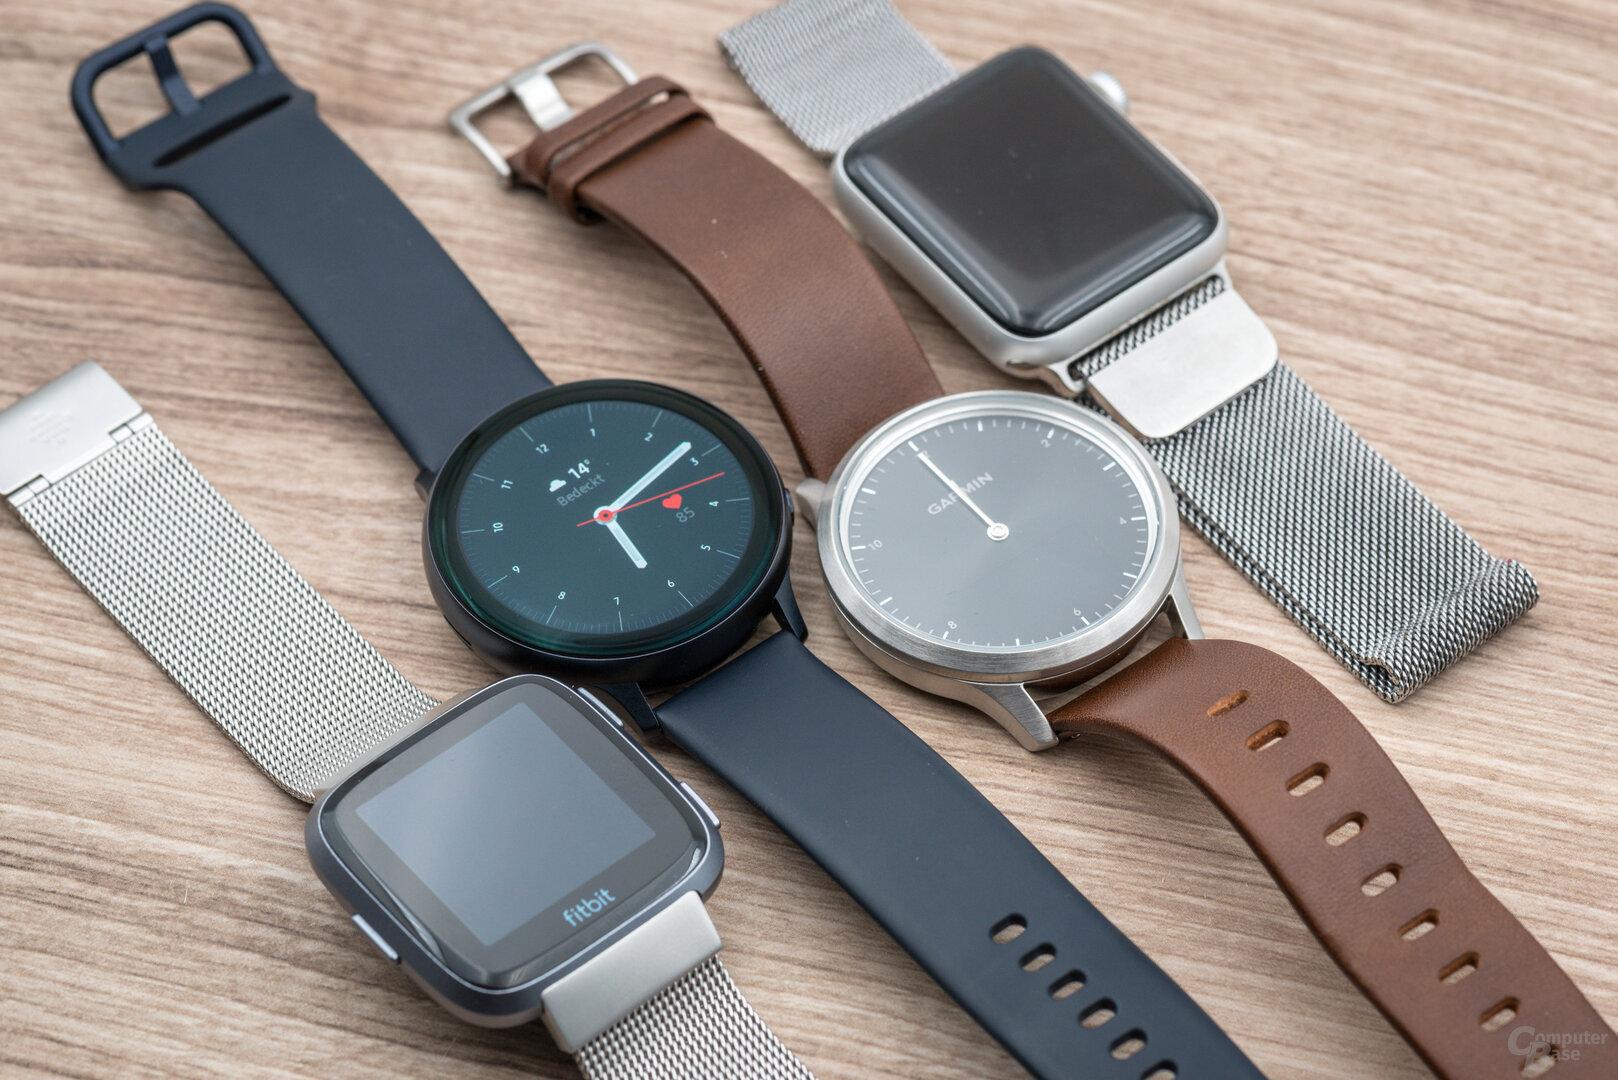 Samsung Galaxy Watch Active 2: Größenvergleich Fitbit Versa, GWA 2, Garmin Vívomove HR, Apple Watch 3 42mm